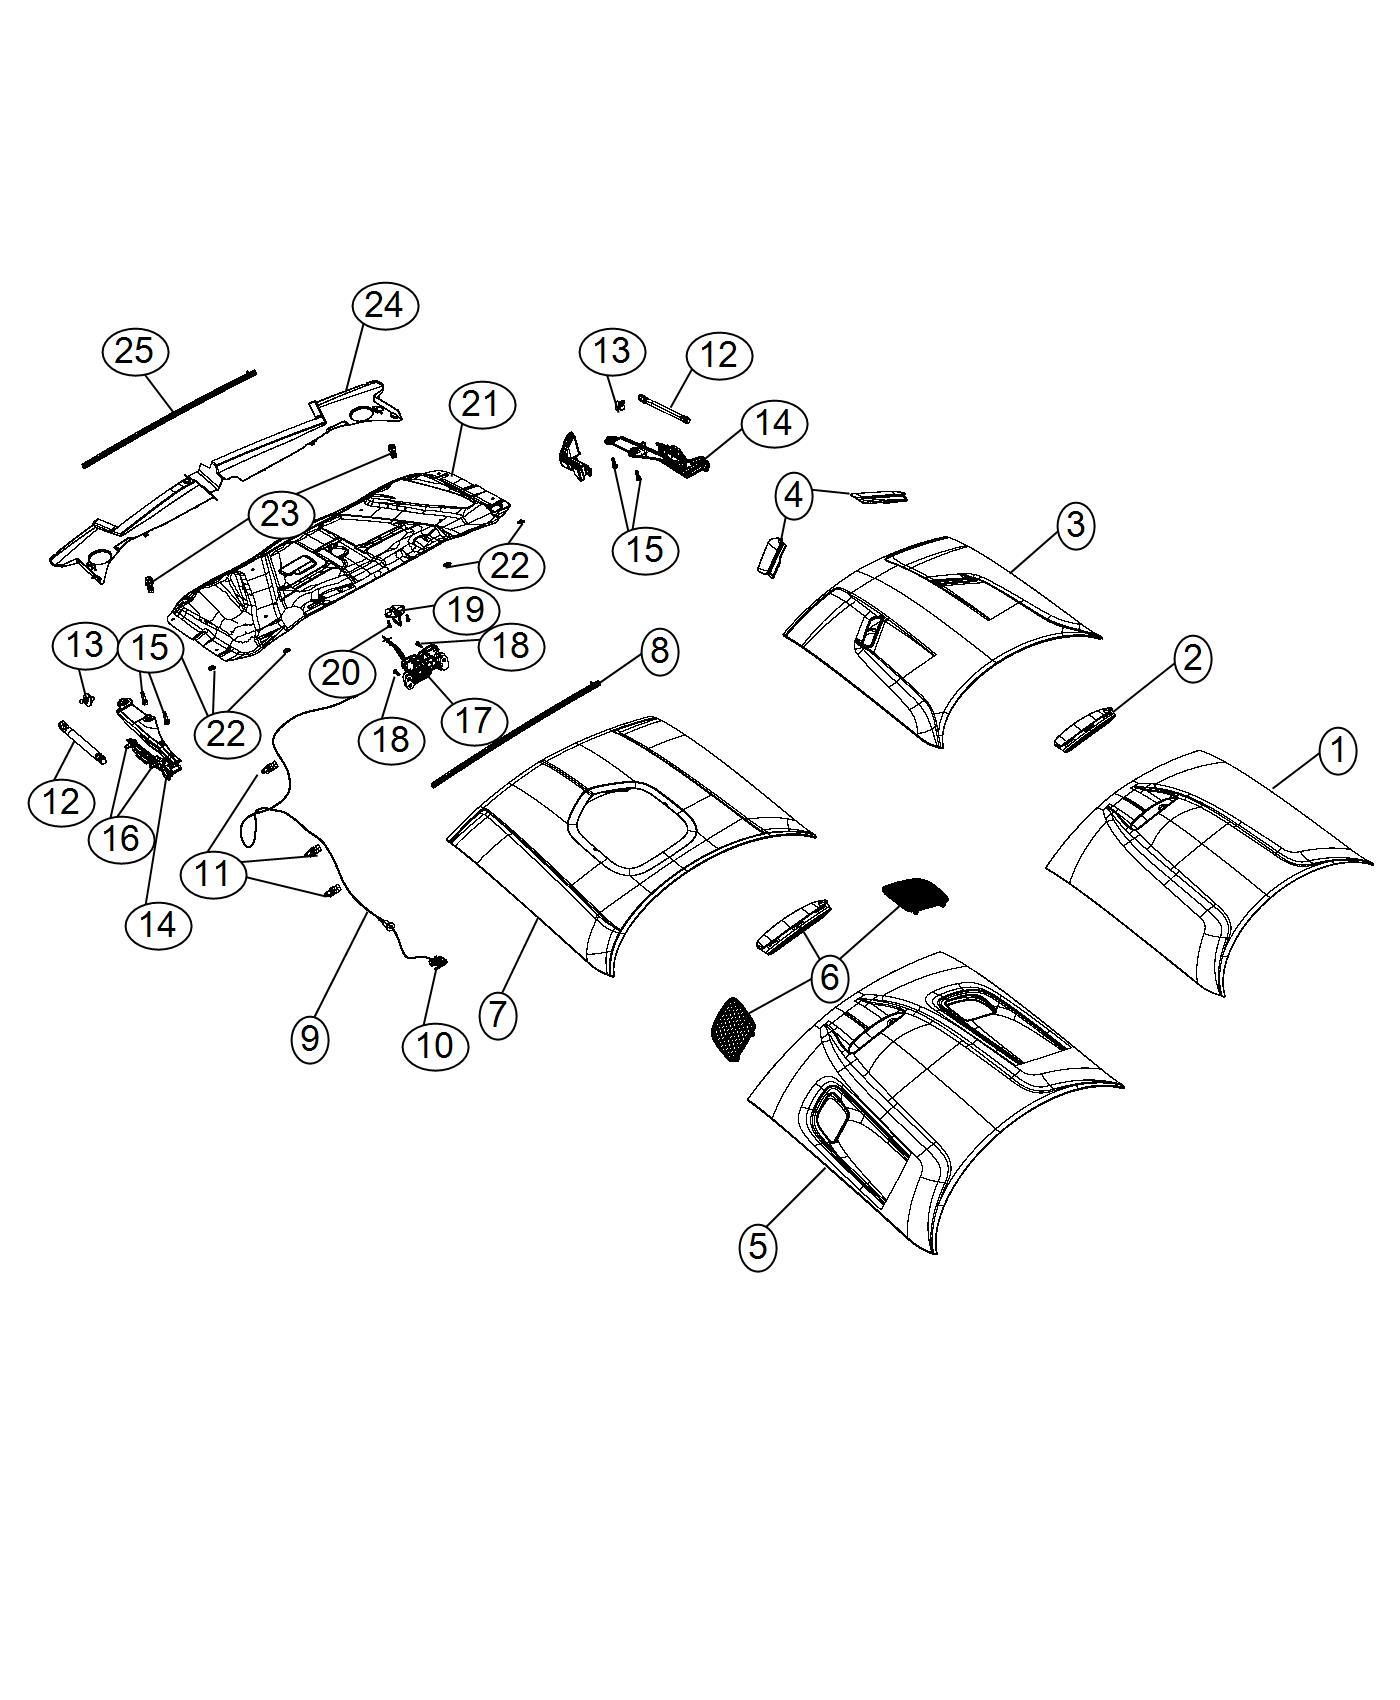 2017 Dodge Challenger Handle. Inside release. [6-speed